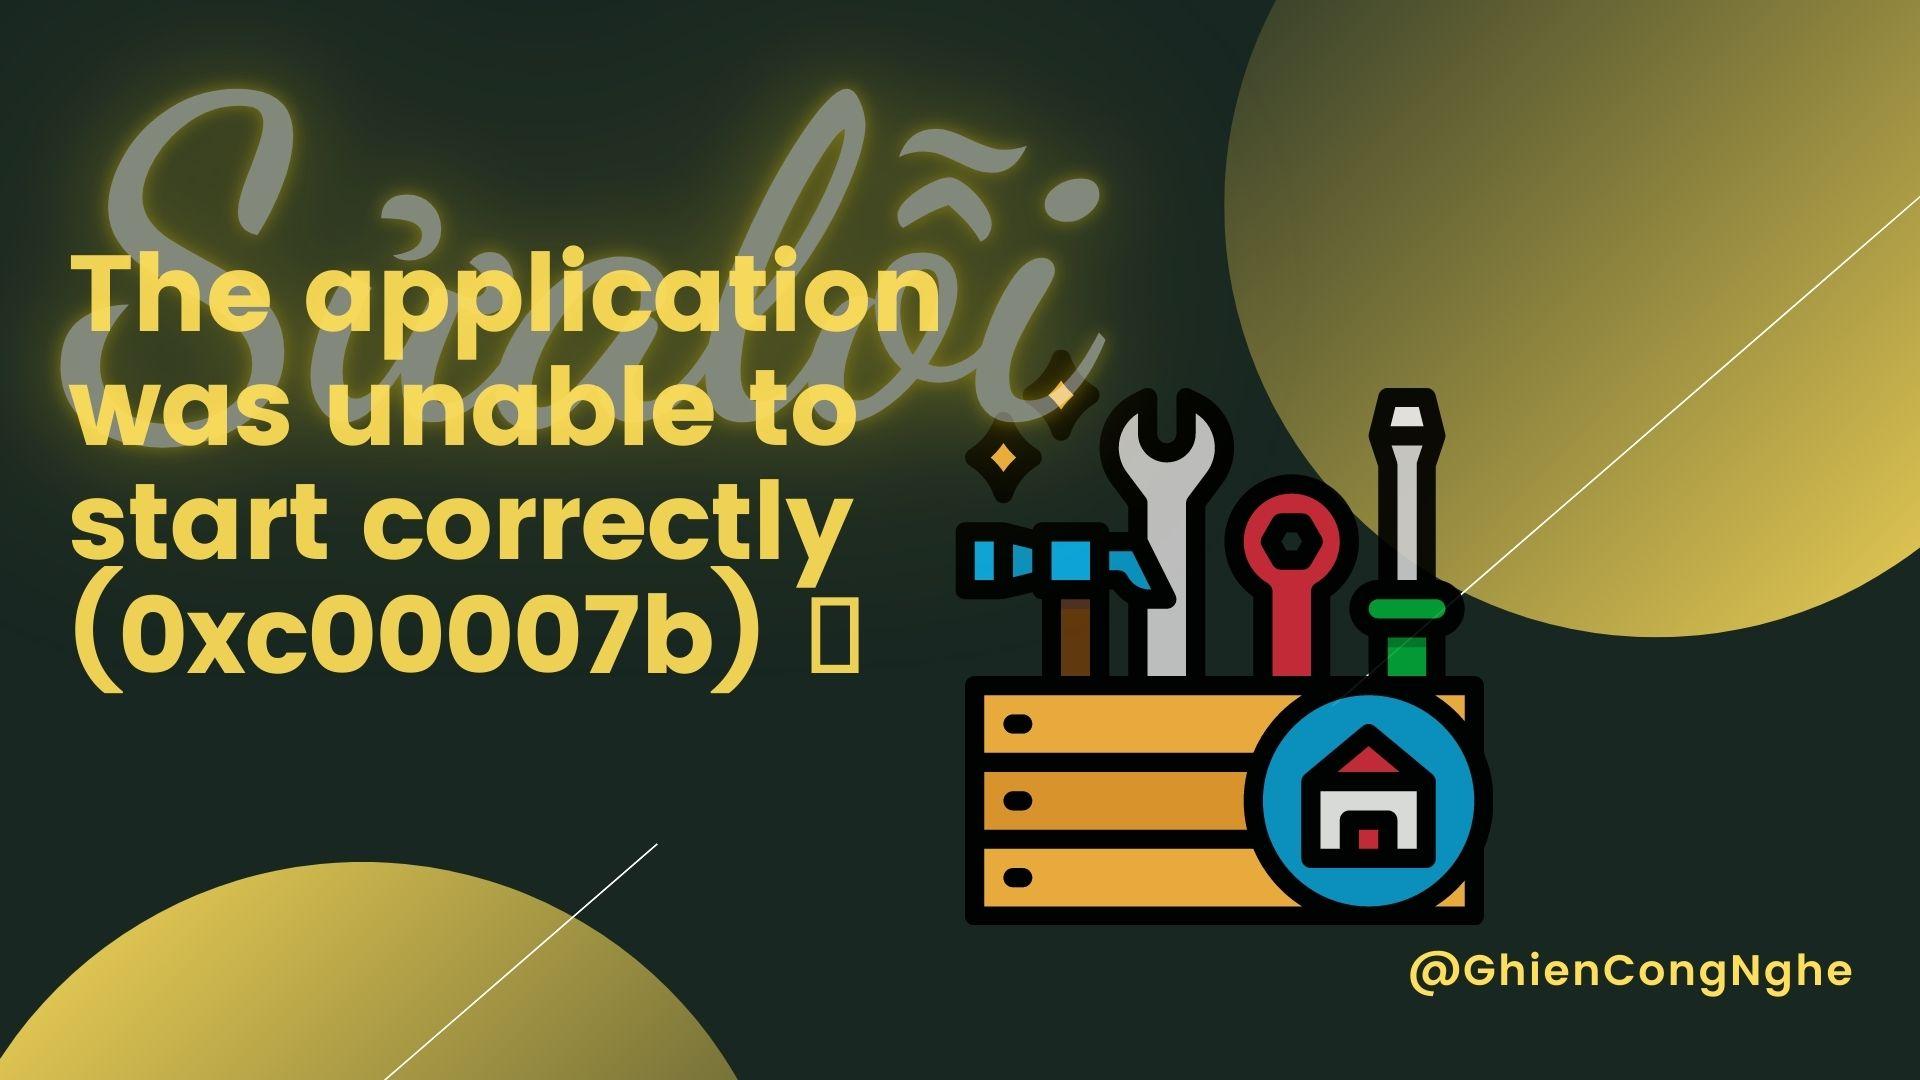 Cách sửa lỗi The application was unable to start correctly (0xc00007b) đơn giản